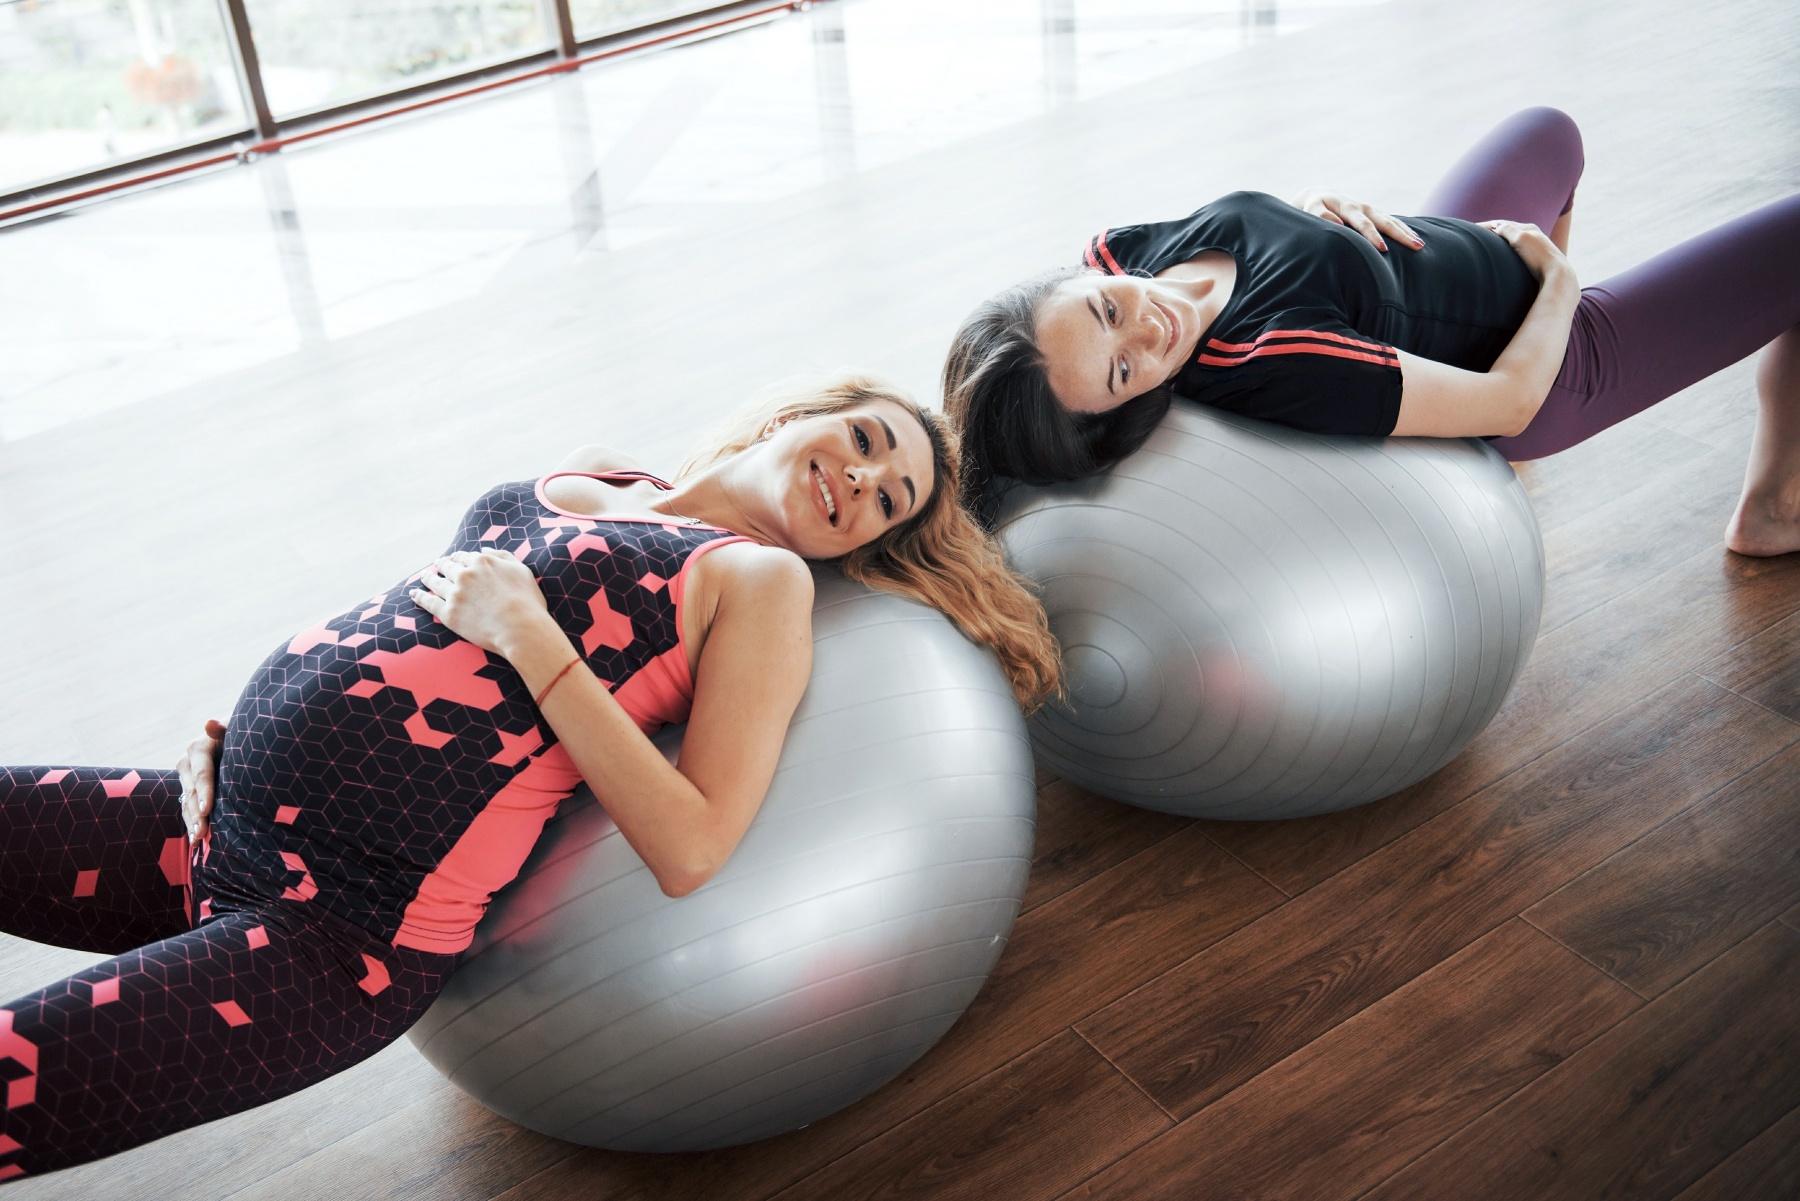 【台中孕婦瑜珈推薦】6間台中孕婦運動、產後運動教室,助你孕期舒適又順產